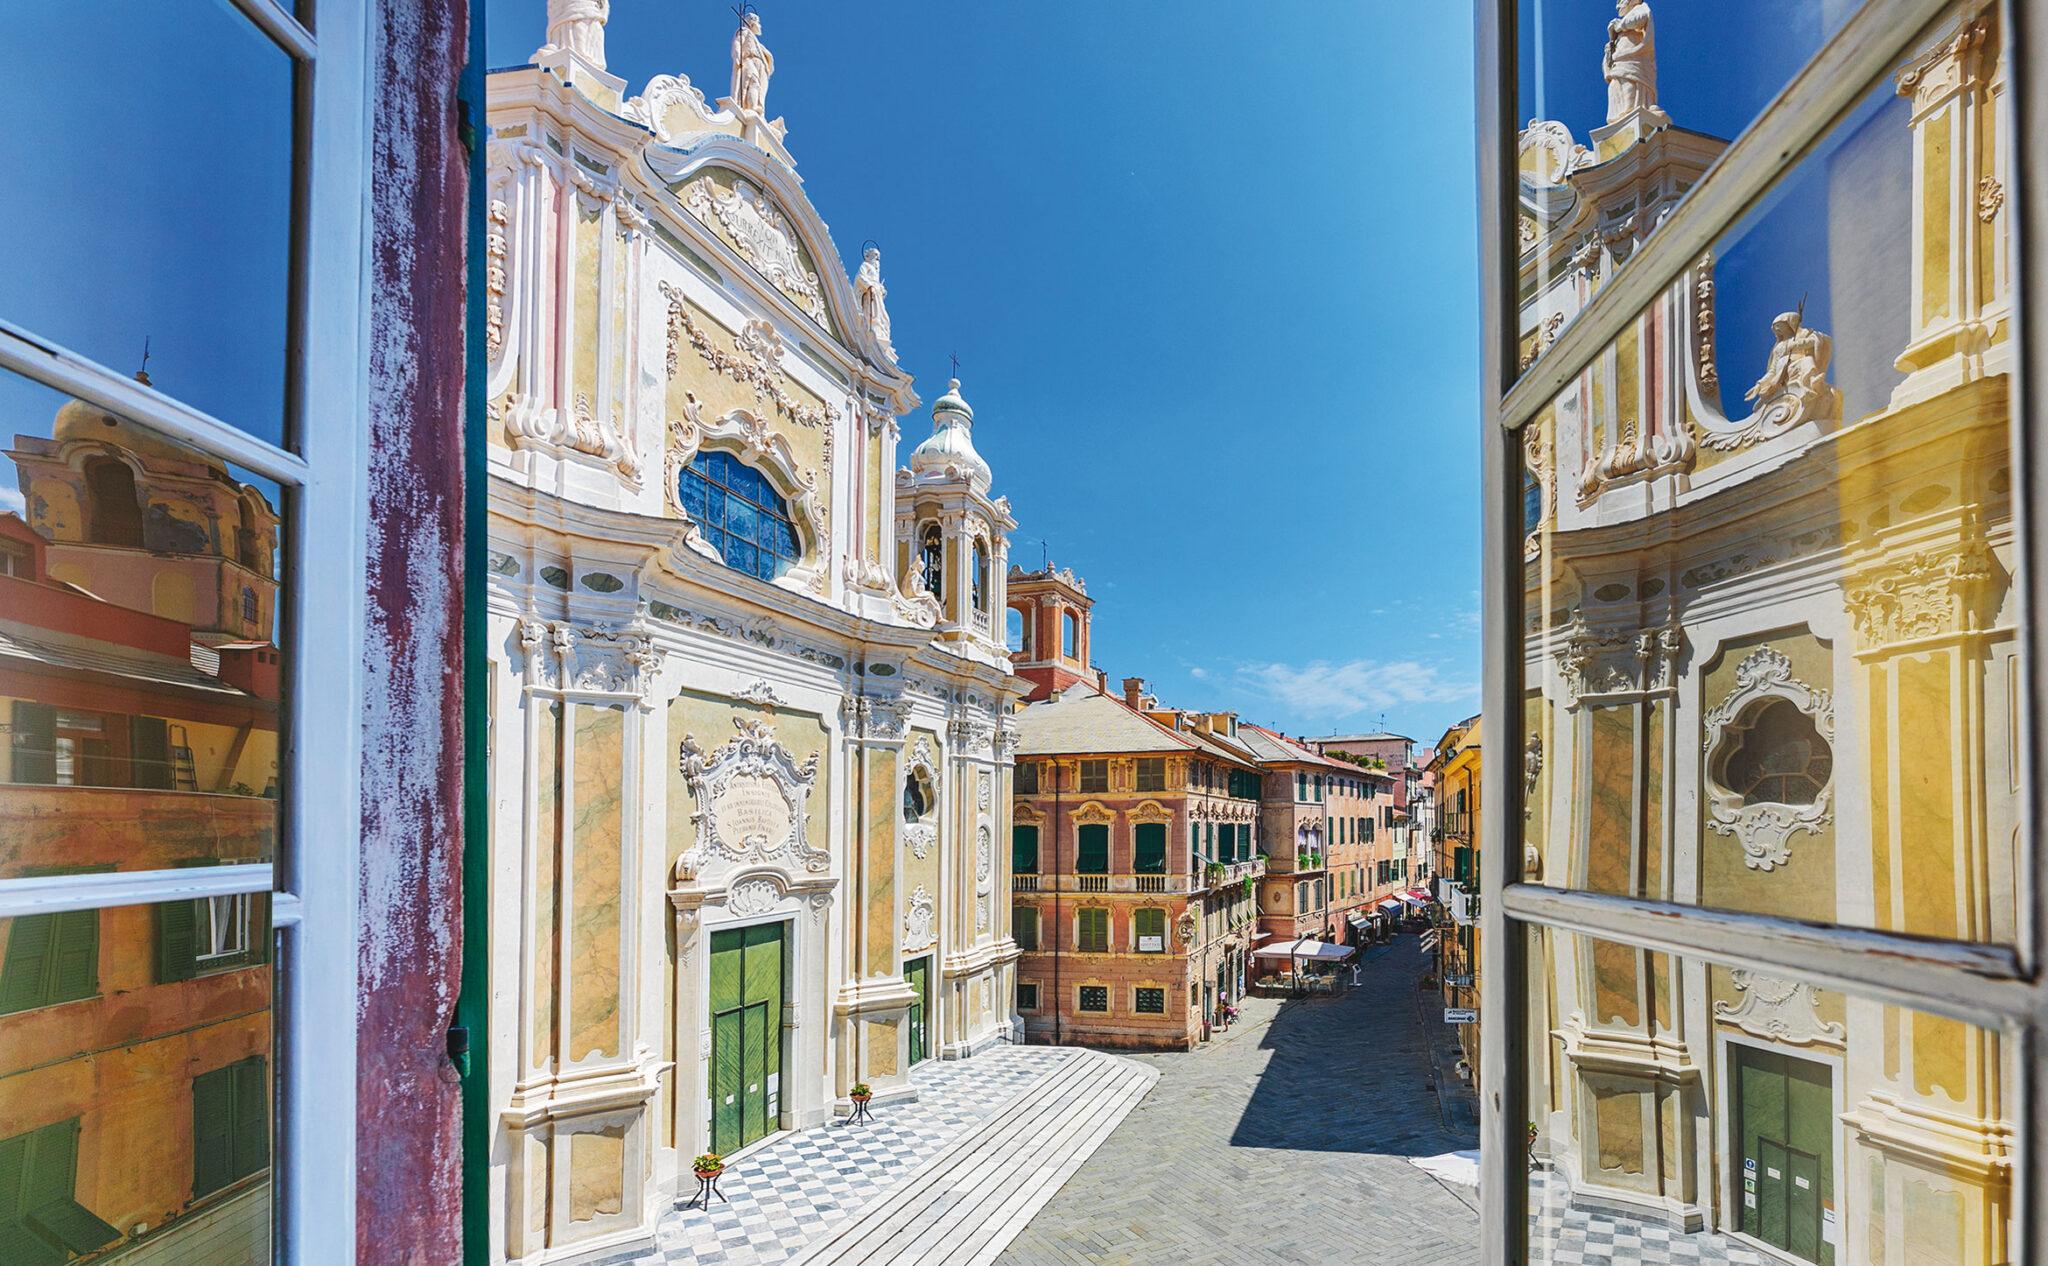 Varietà di esperienze e comunicazione, così le destinazioni attraggono turisti 12 mesi l'anno